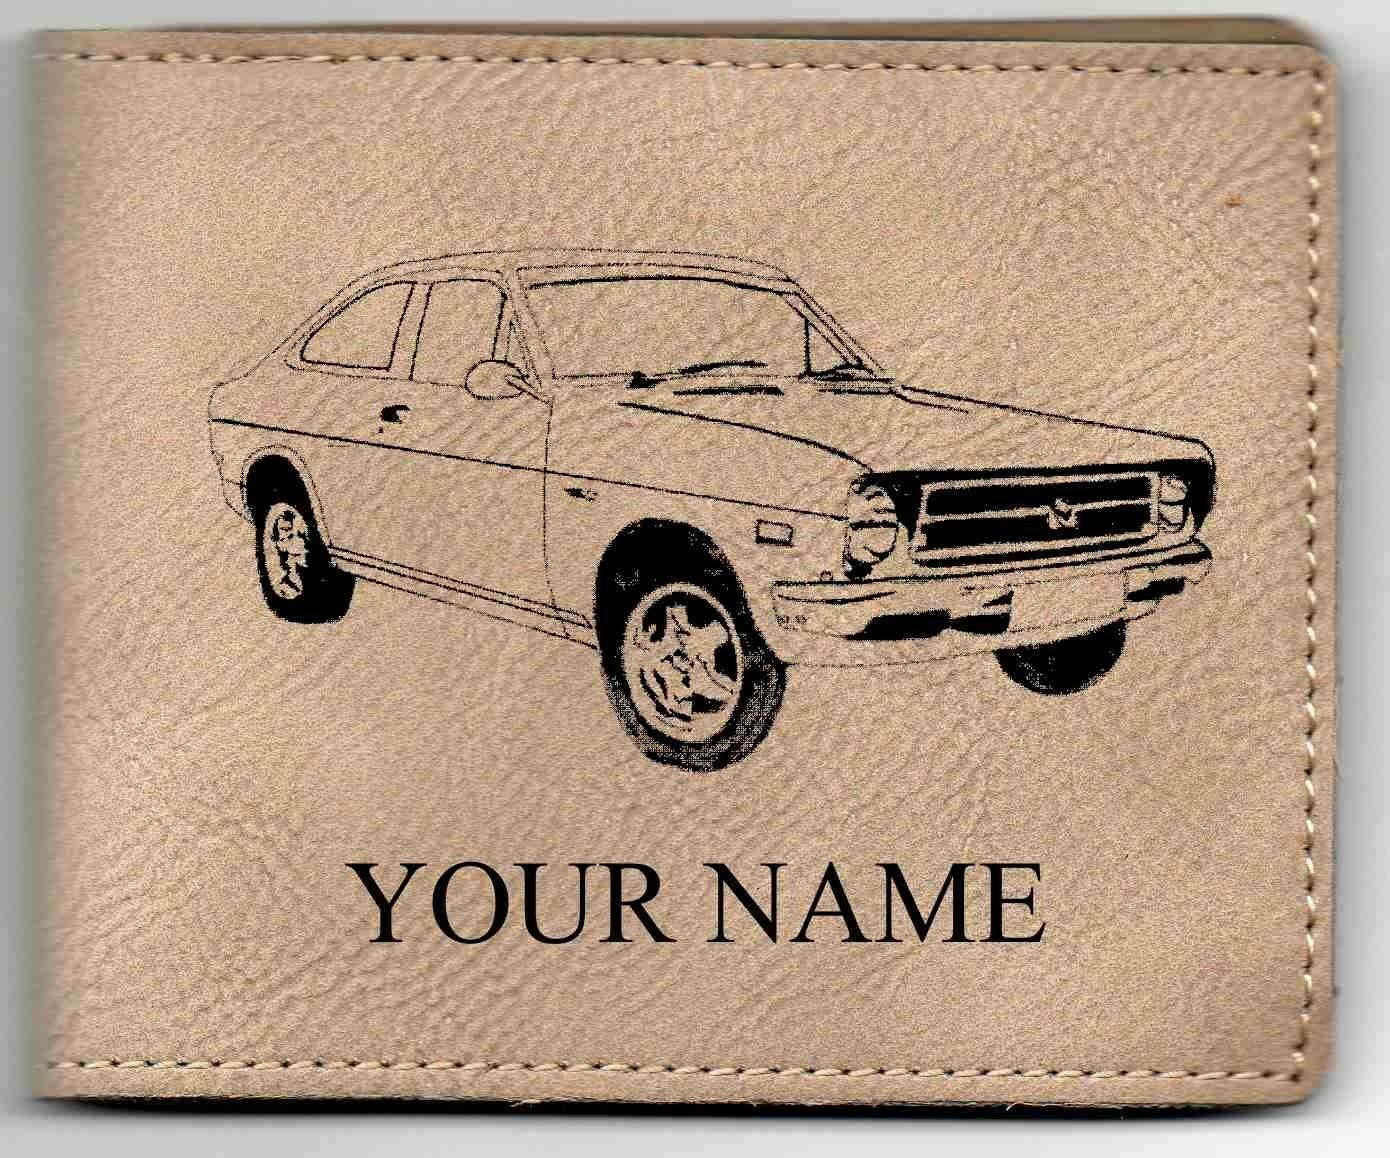 65 Chevrolet Corvette Coupe Rosewood Pen Case Engraved